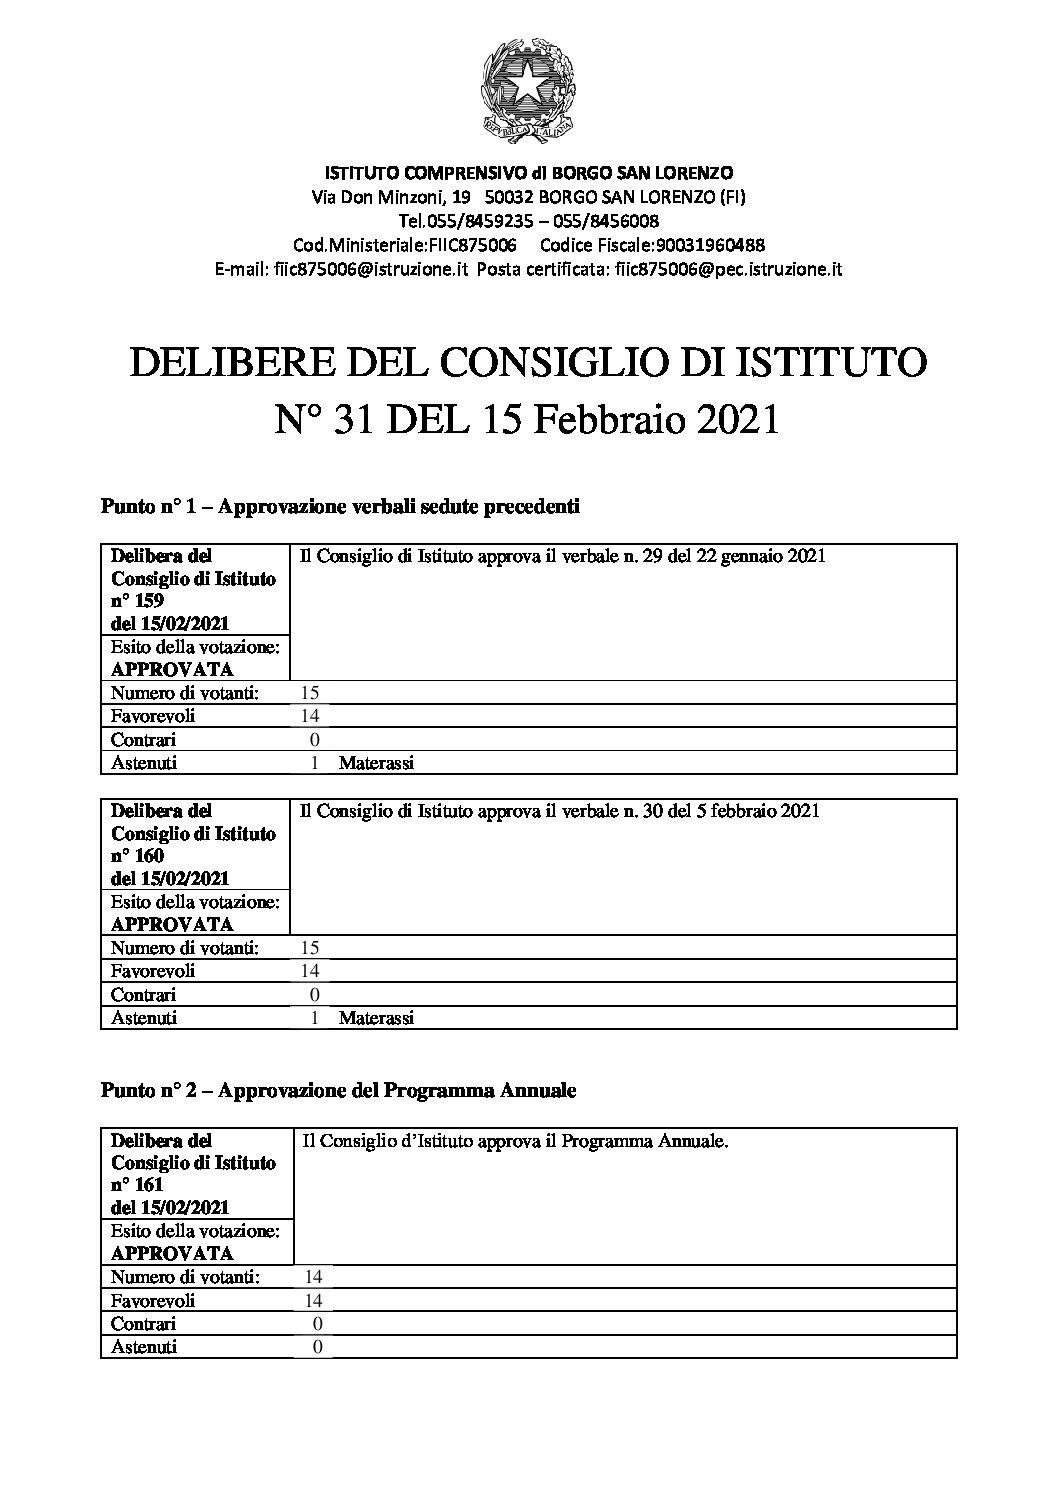 Delibere del consiglio di istituto n. 31 del 15 febbraio 2021